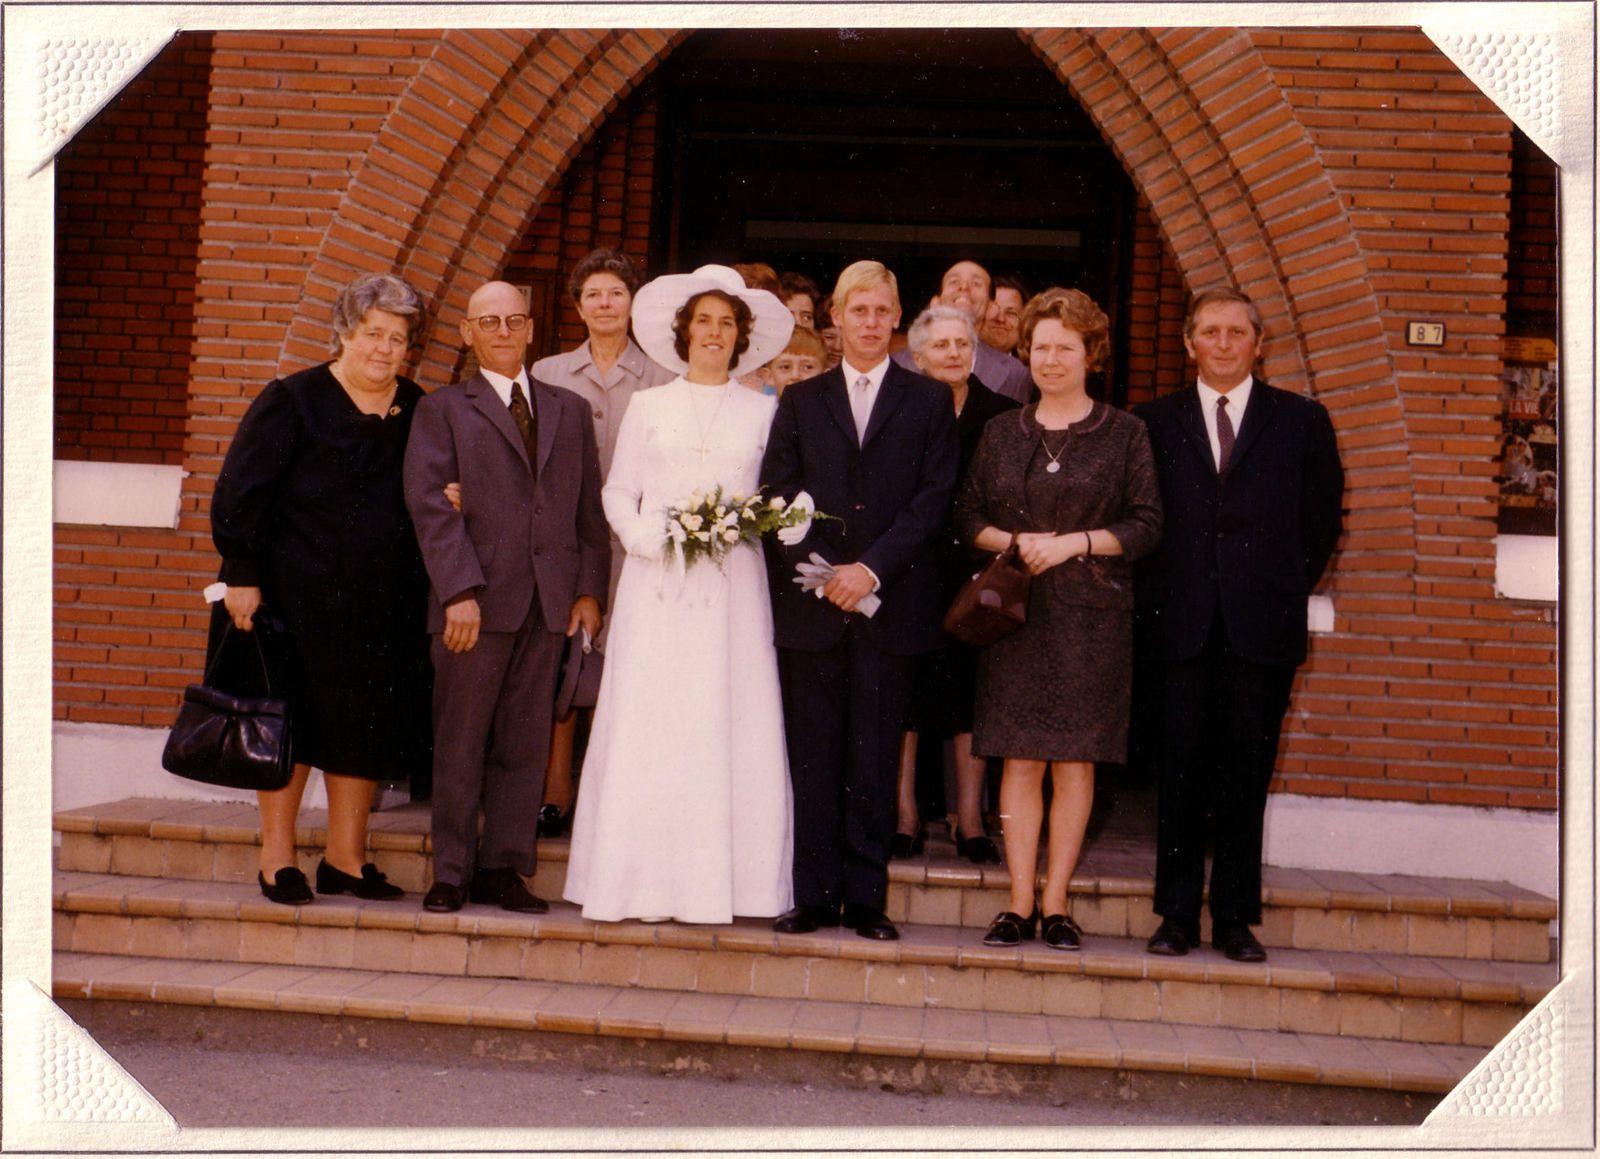 Au mariage de Bernard et Michèle, de gauche à droite : les parents de Michèle, Michèle et mon frère Bernard, et mes parents. Juste derrière les mariés, mes deux grand-mères, à gauche, derrière Michèle, ma grand-mère maternelle, et à droite, derrière Bernard, ma grand-mère paternelle.